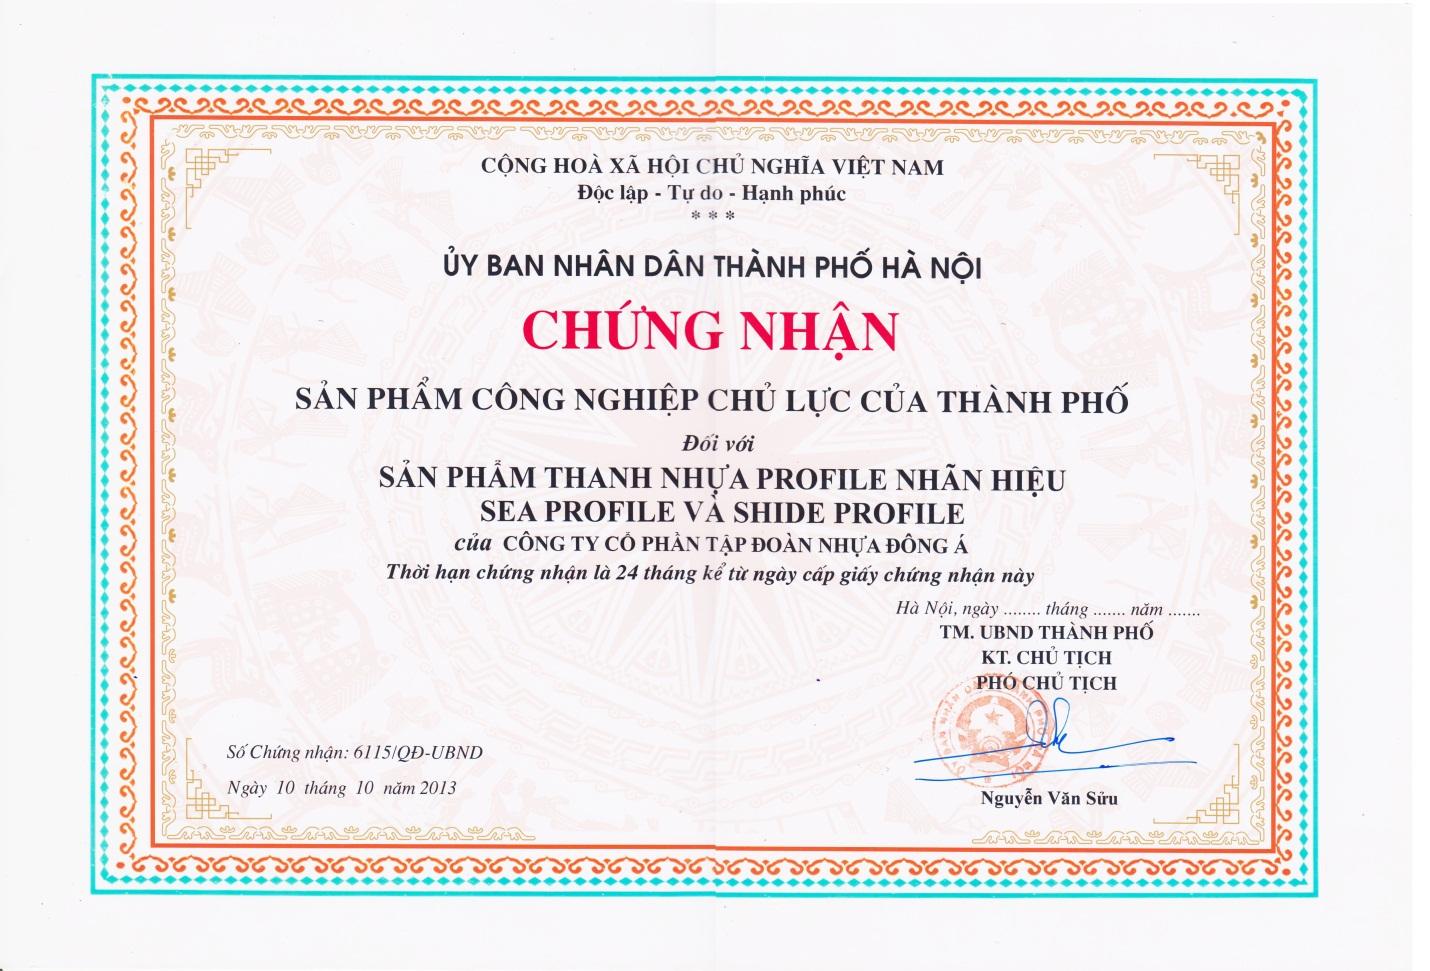 DAG được công nhận là sản phẩm chủ lực của TP Hà Nội